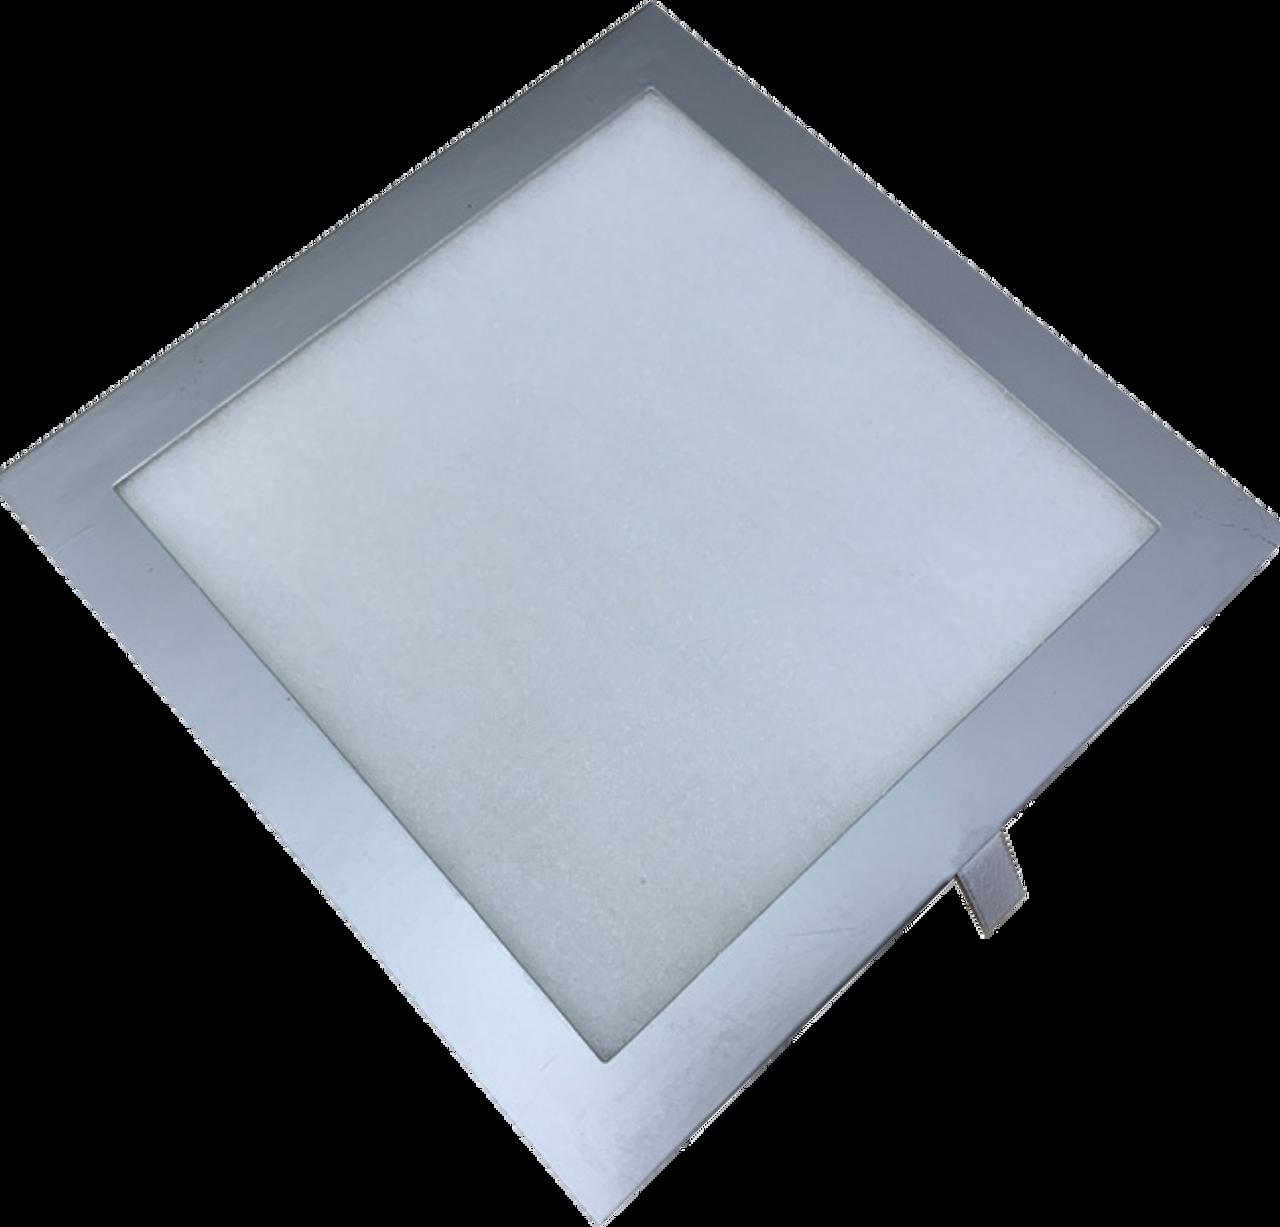 Medical-grade H14 HEPA filter